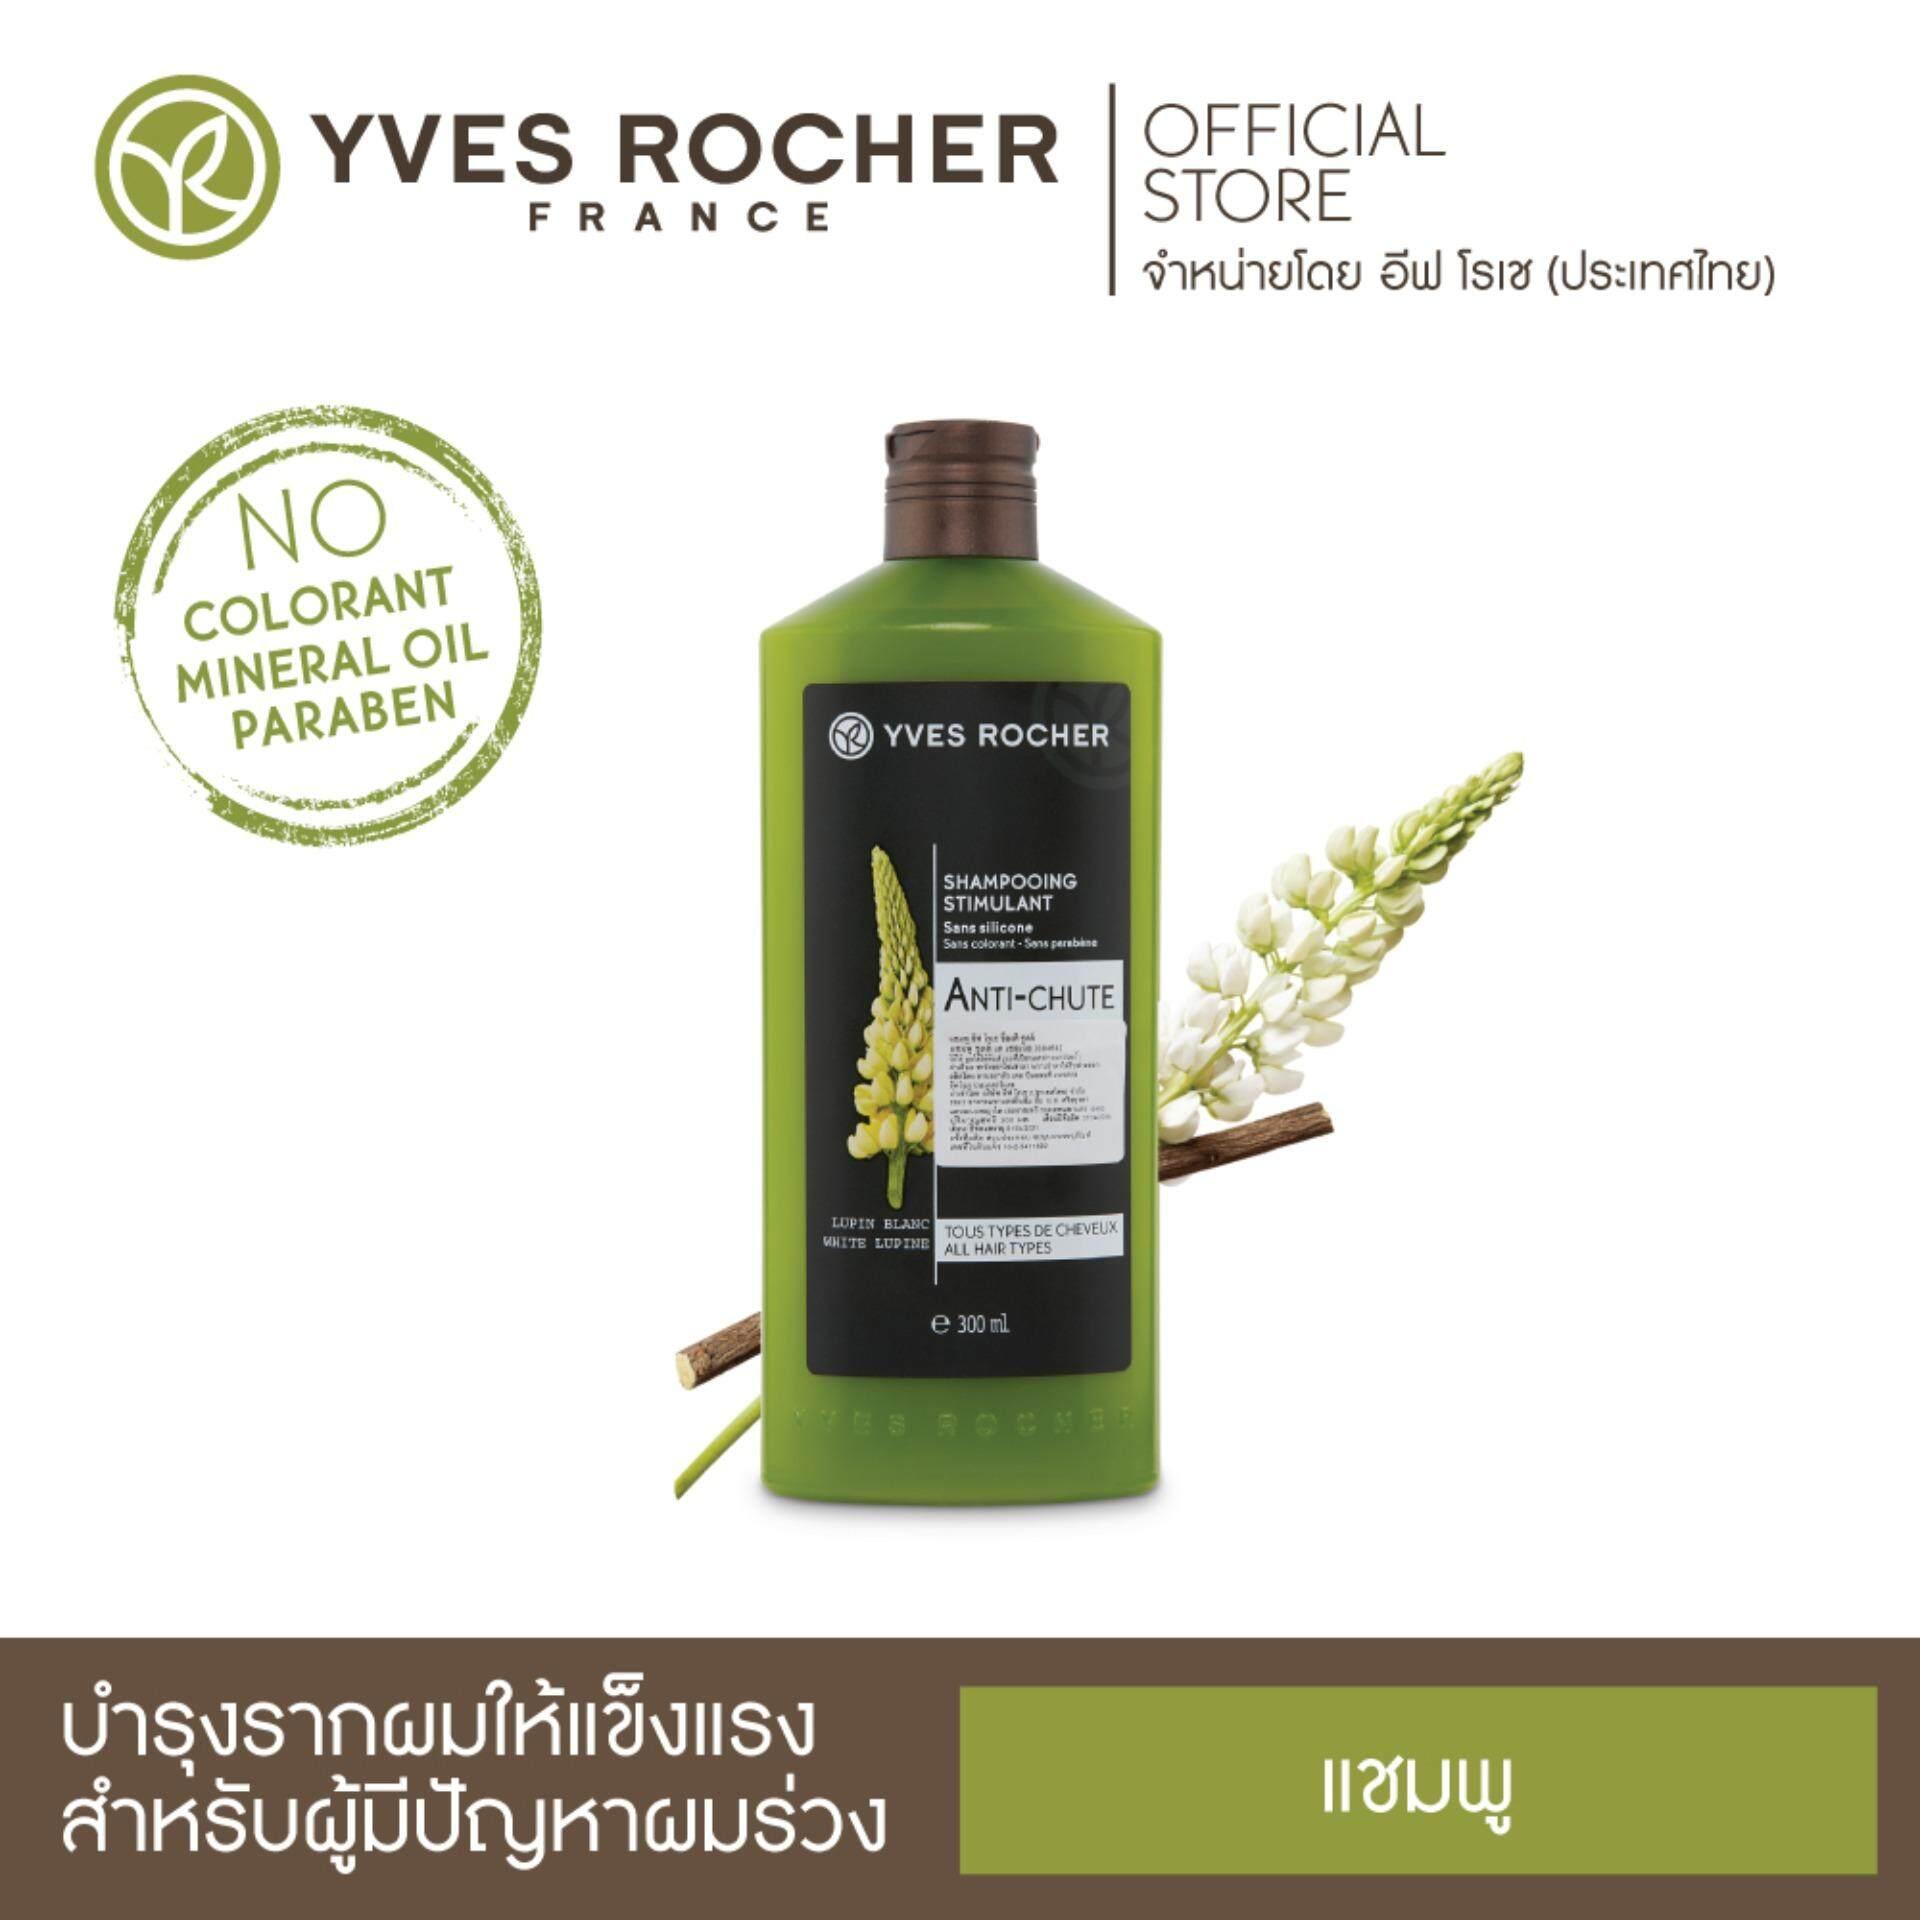 Yves Rocher Bhc Anti Hair Loss Shampoo 300ml By Yves Rocher Thailand.